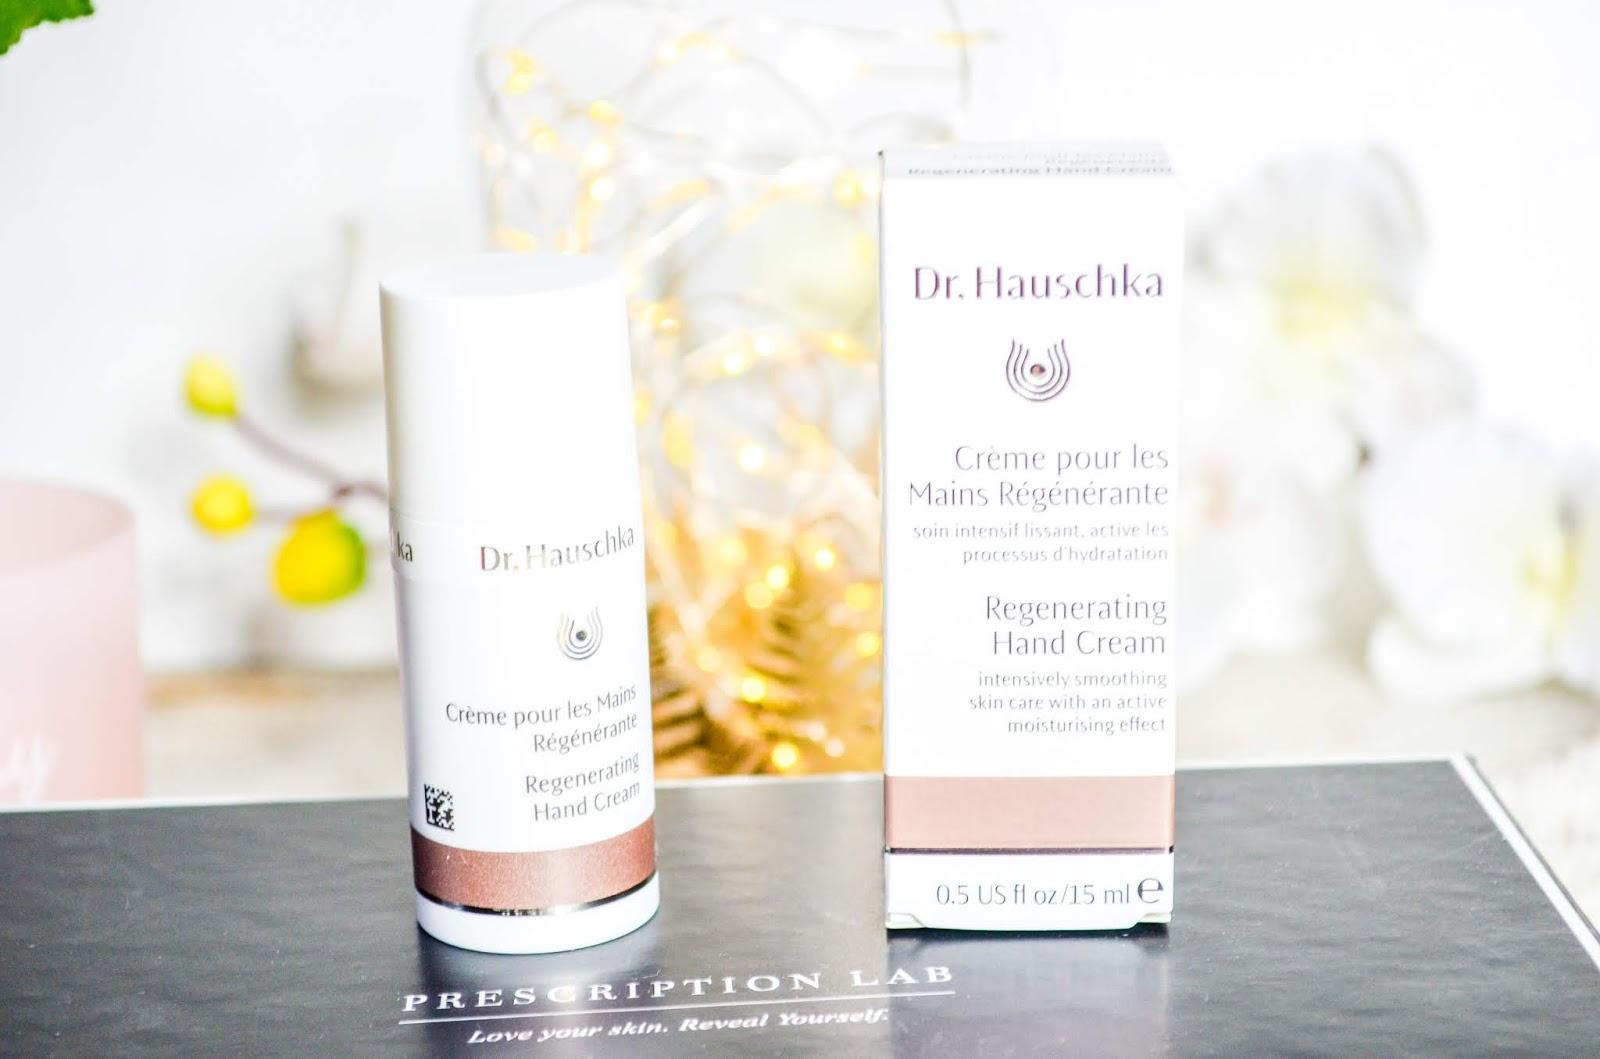 box prescrition lab fevrier 2019 soin dr hauscka blog mode beaute lifestyle lyon mllexceline